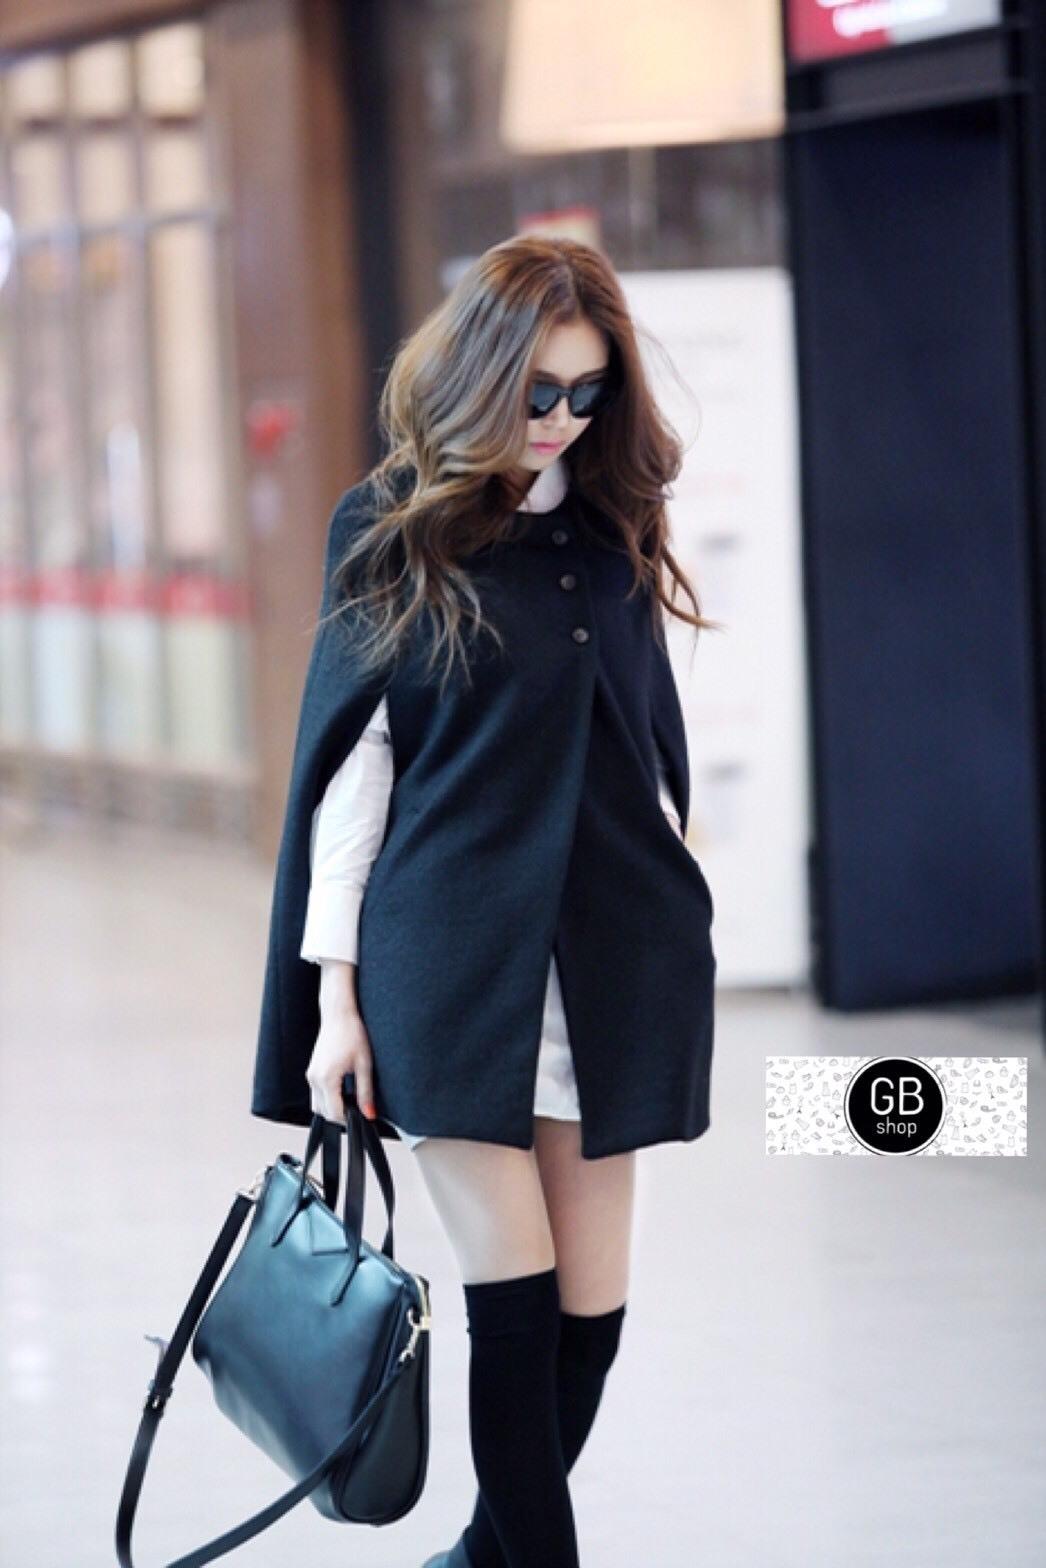 เสื้อผ้าแฟชั่นเกาหลีพร้อมส่งเสื้อคลุมกันหนาว/กันเย็น